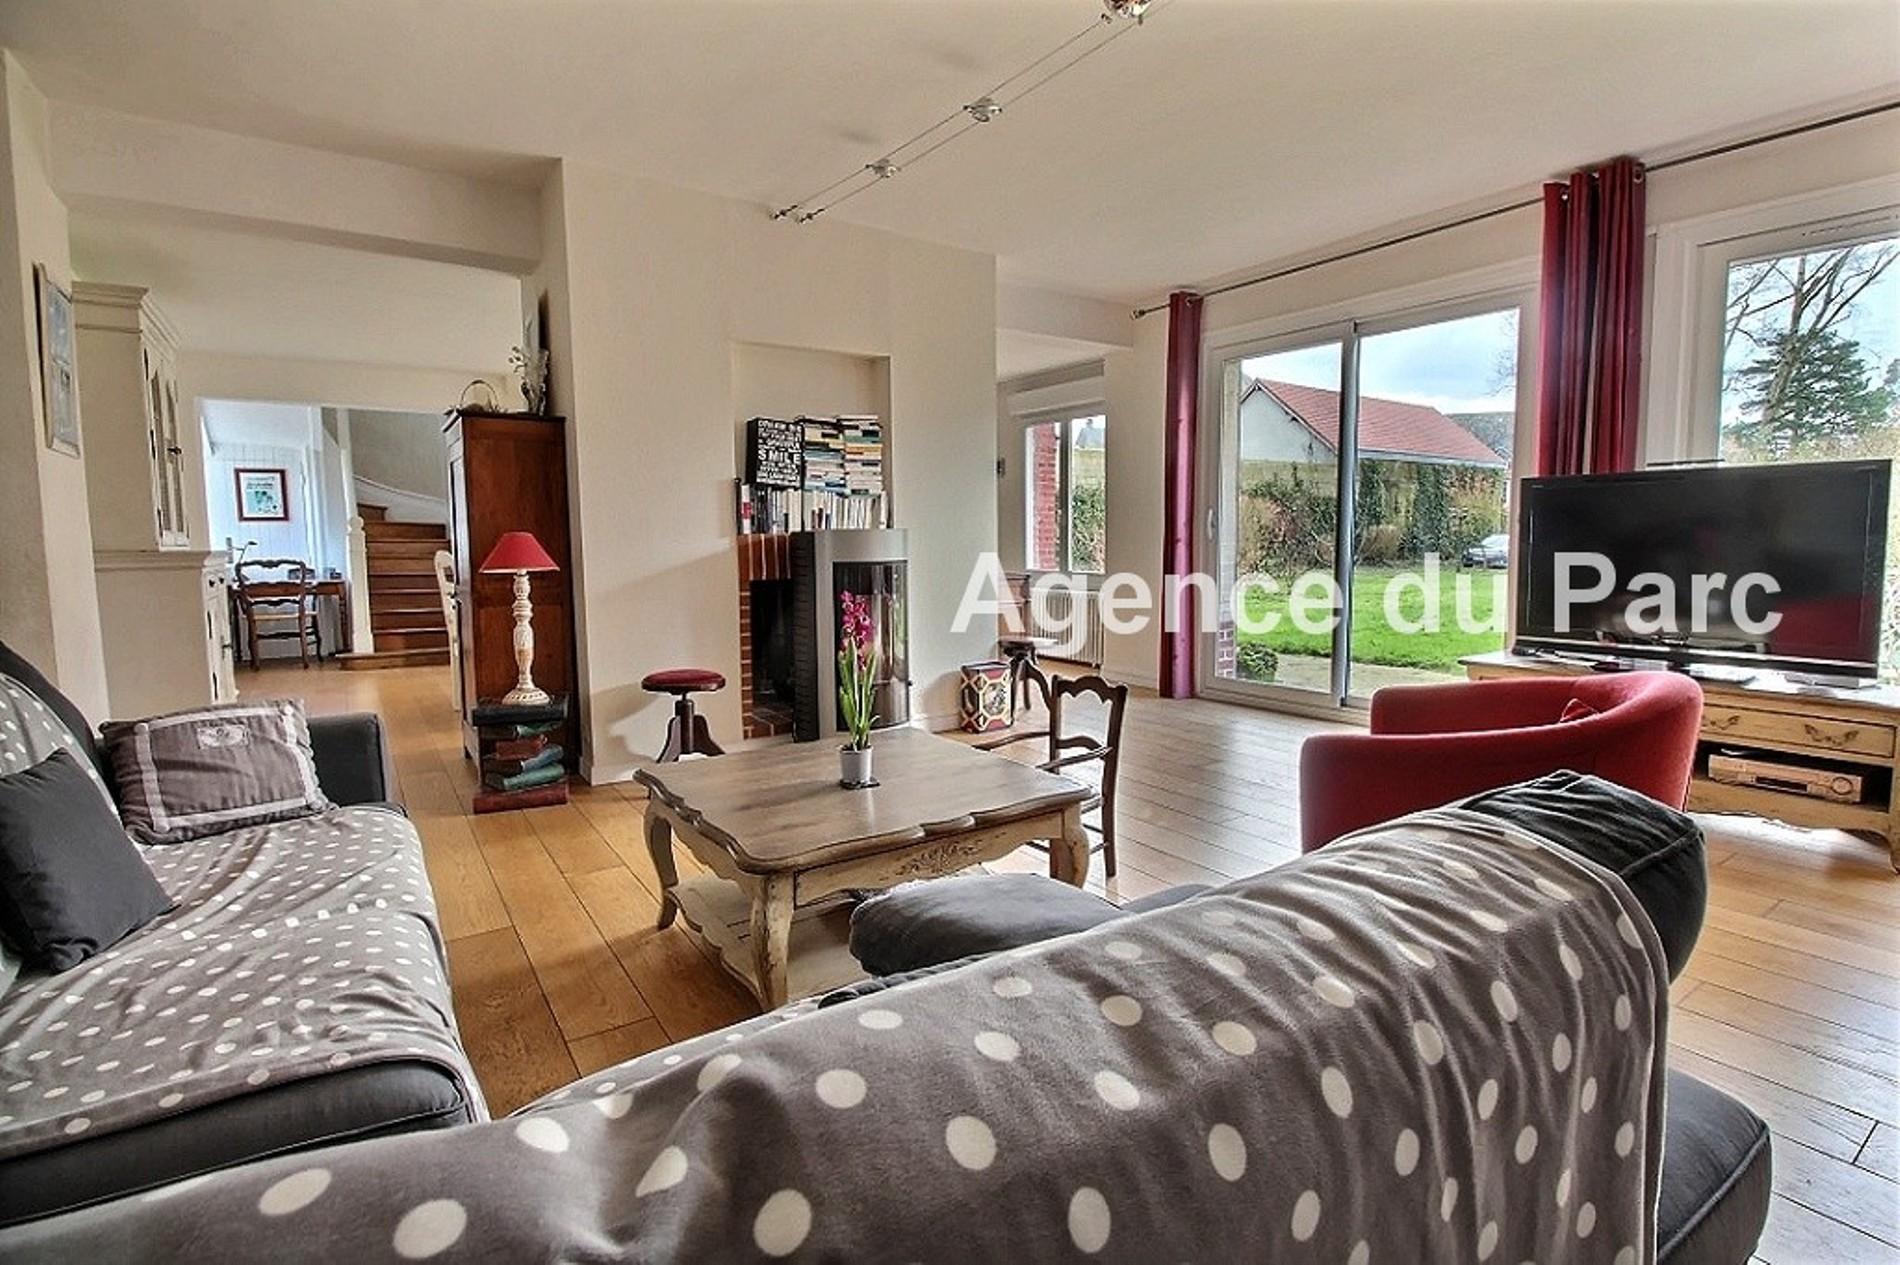 Acheter vente d 39 une maison bourgeoise yvetot en for Agence immobiliere yvetot